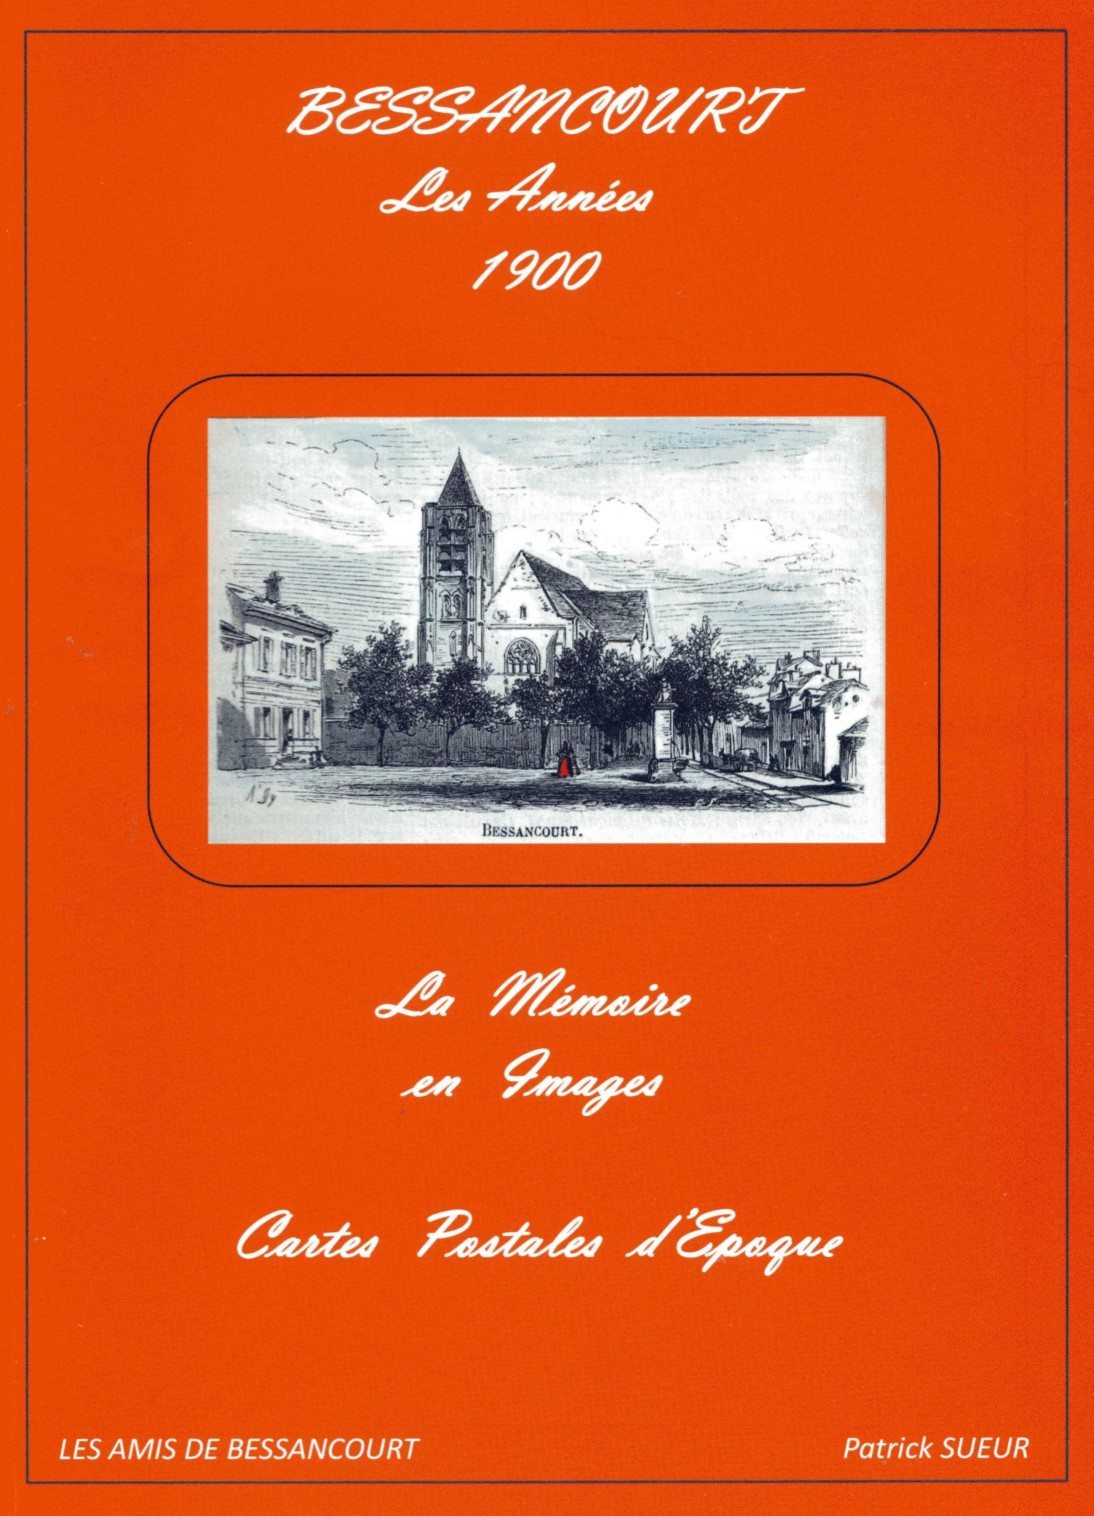 Bessancourt les années 1900